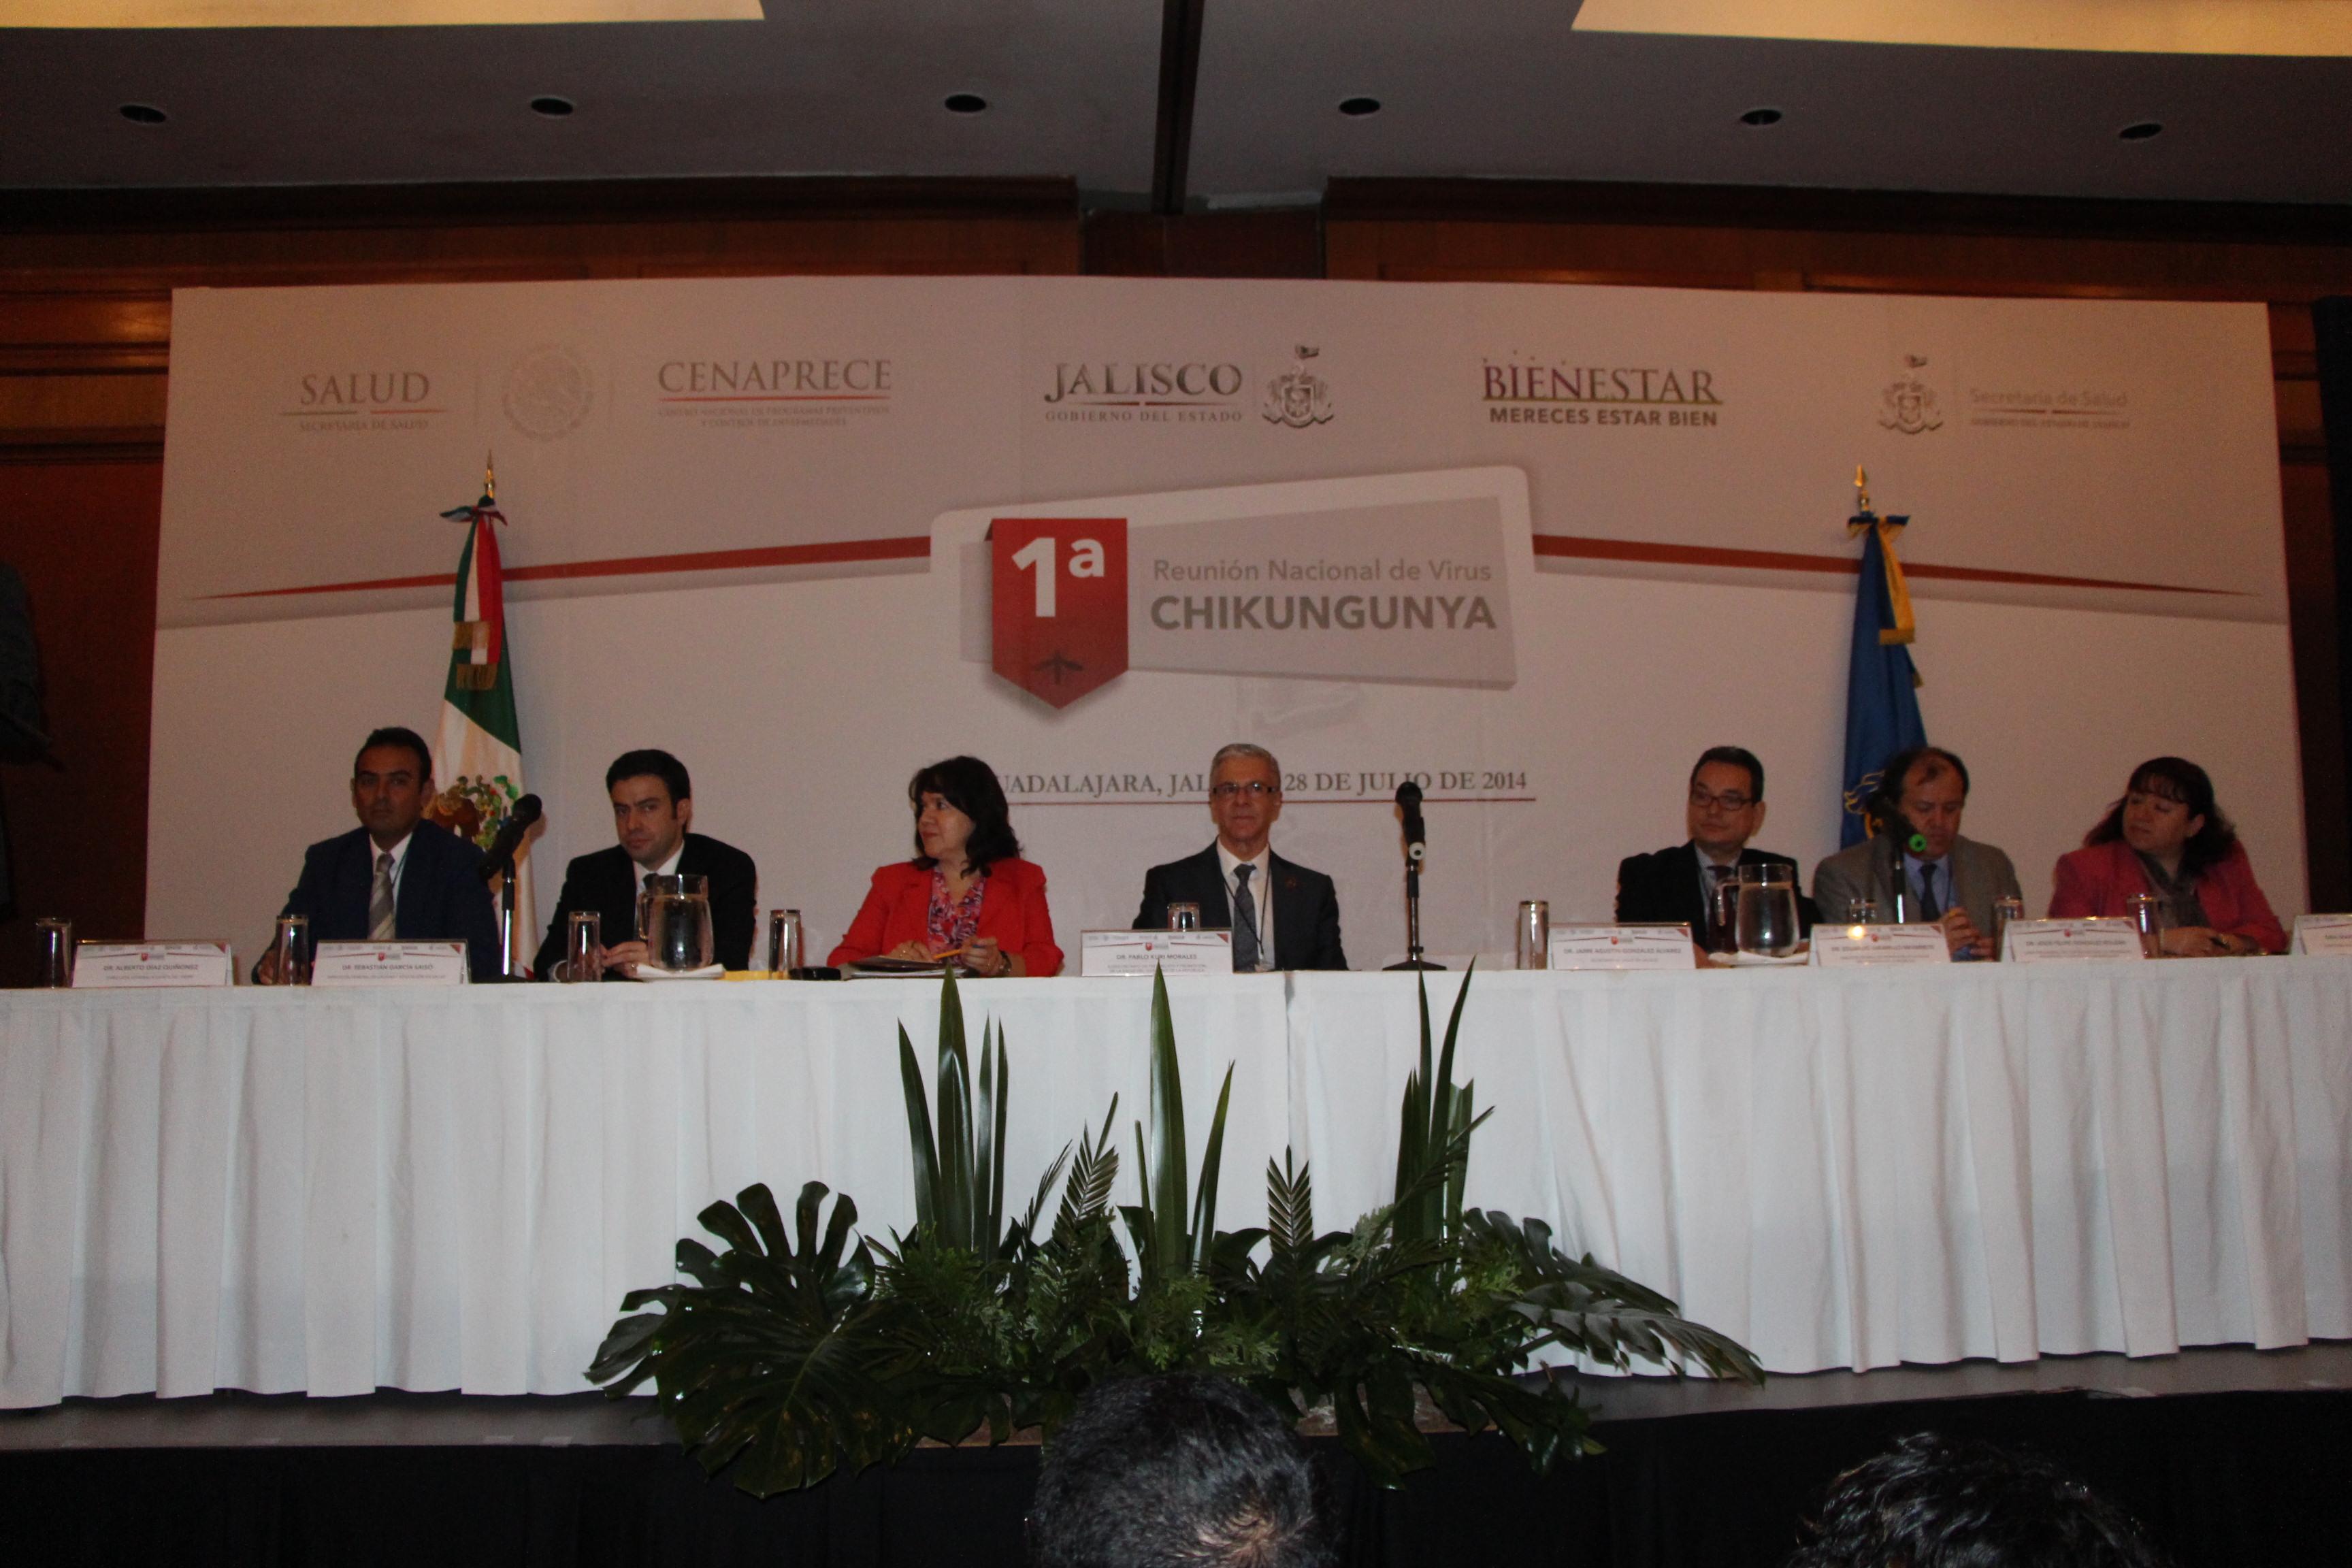 Reunion Nacional de Virus Chikungunya